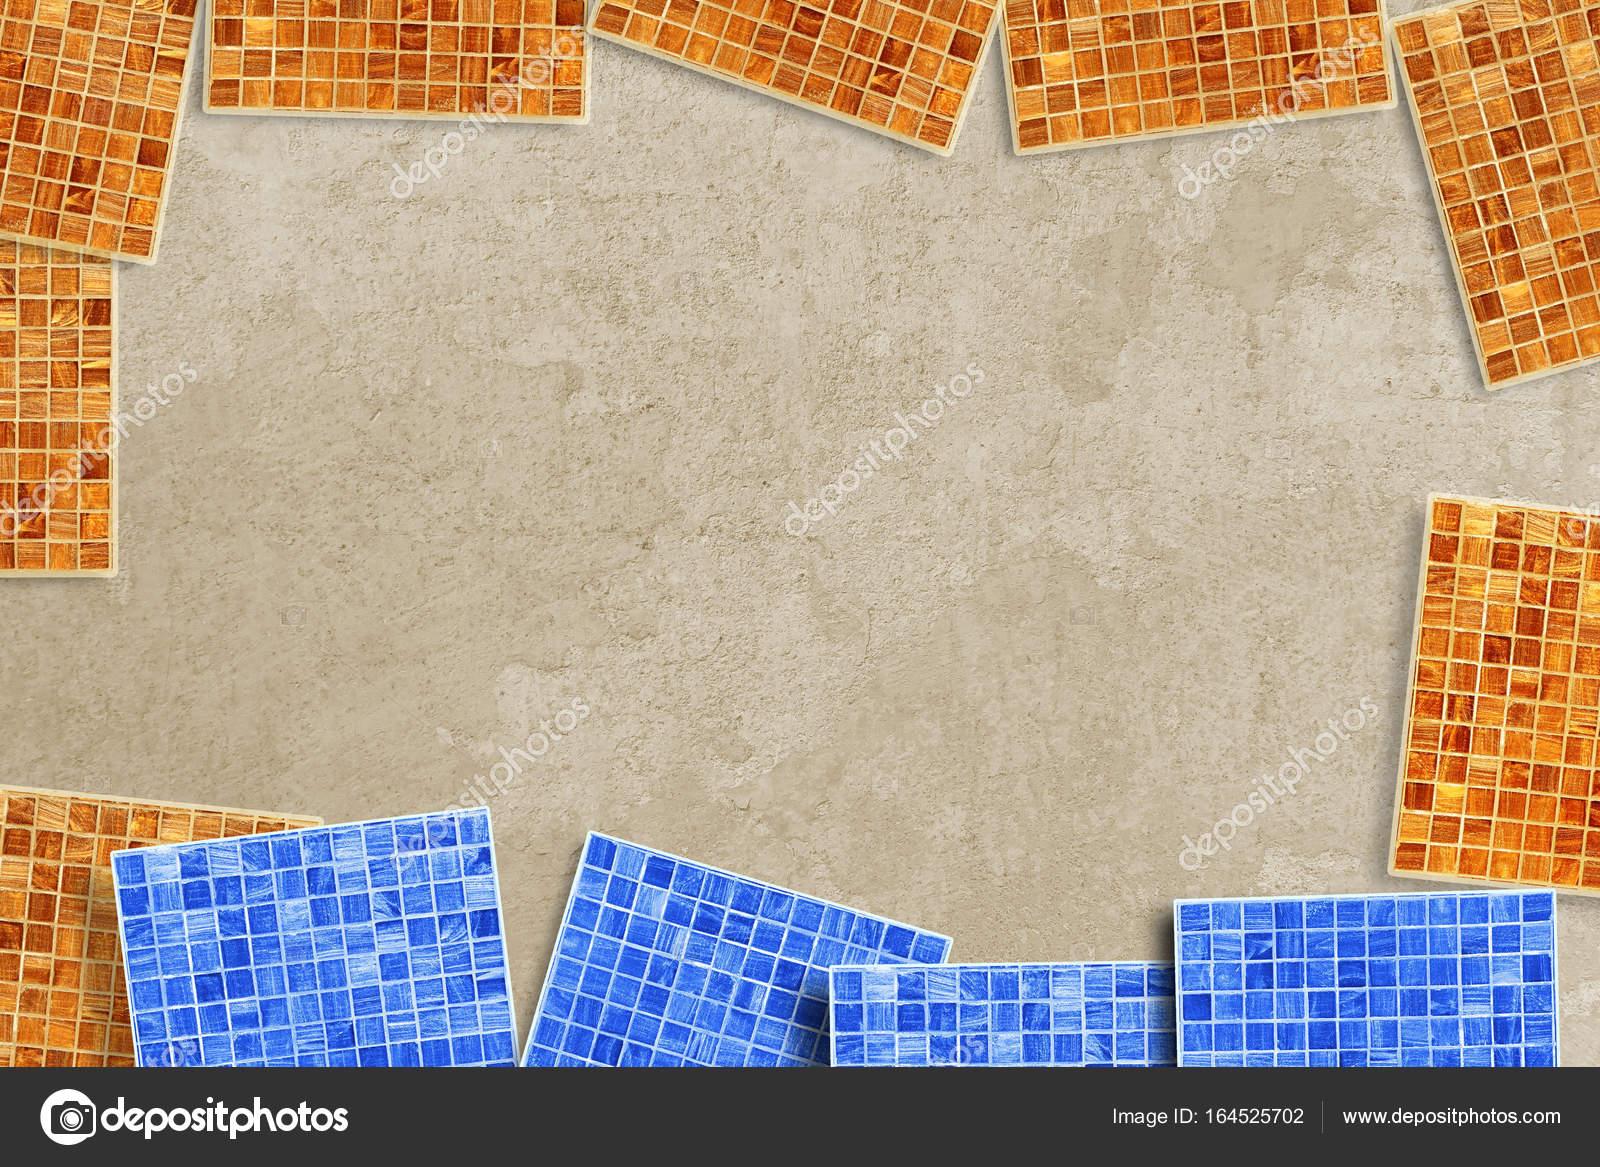 MosaikFliesen Für Fußböden Und Wände Kompositionen Auf Zement - Mosaik fliesen fußboden